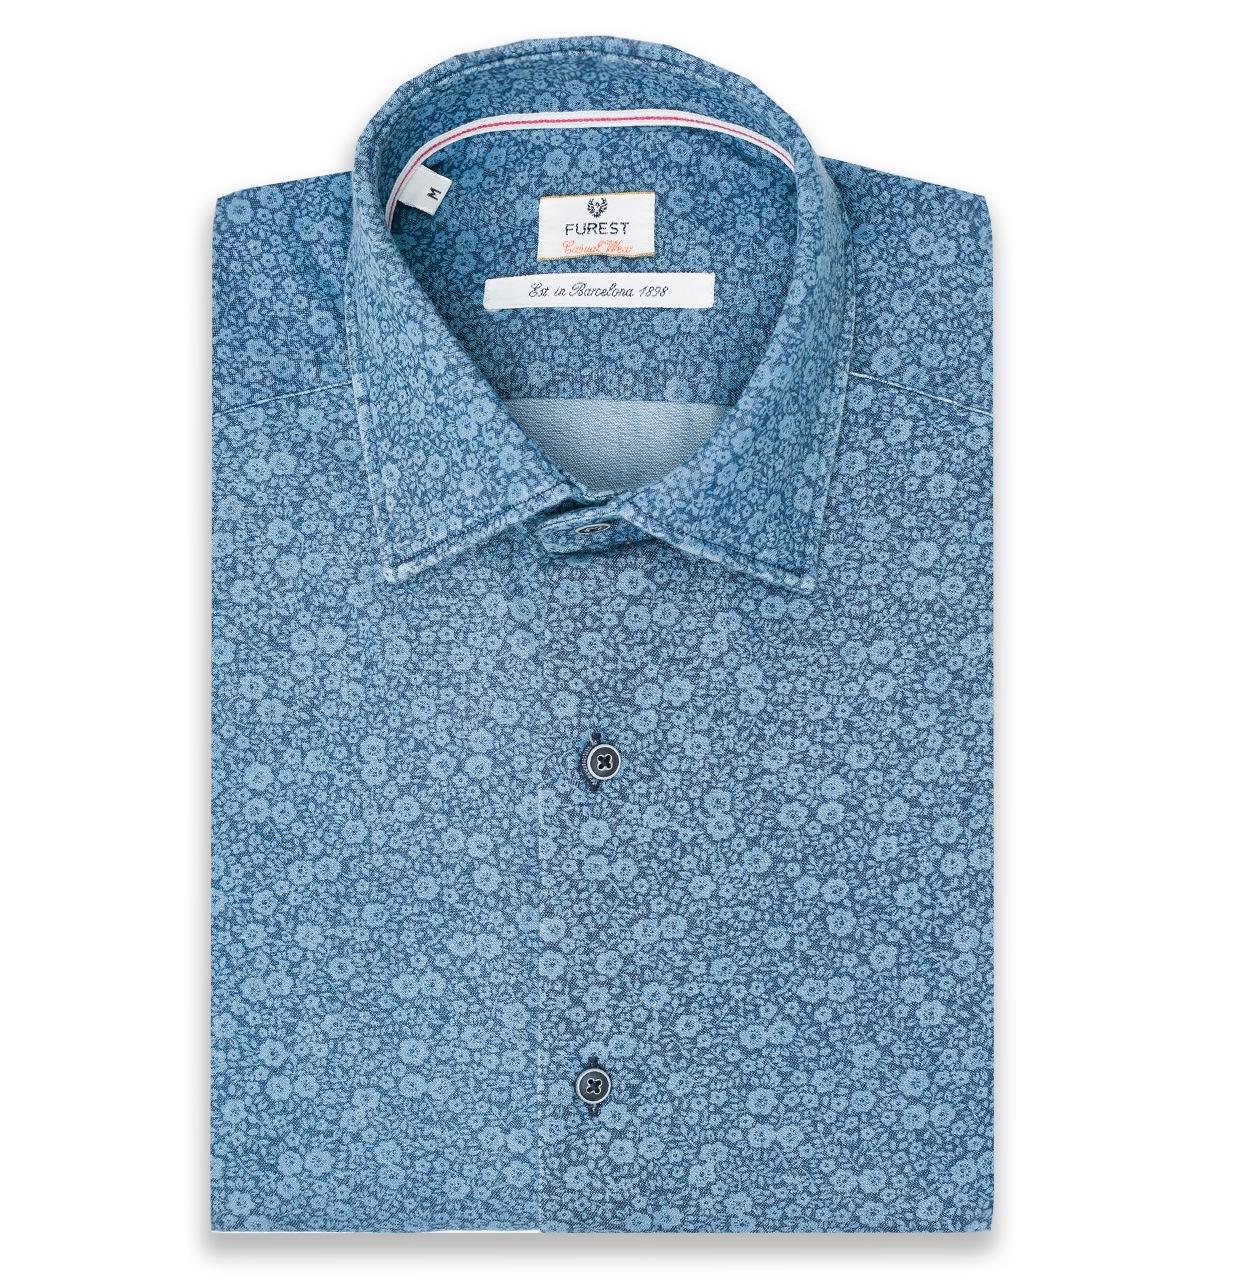 Camisa Casual Wear SLIM FIT Modelo PORTO color azul denim con estampado floral, 100% Algodón.